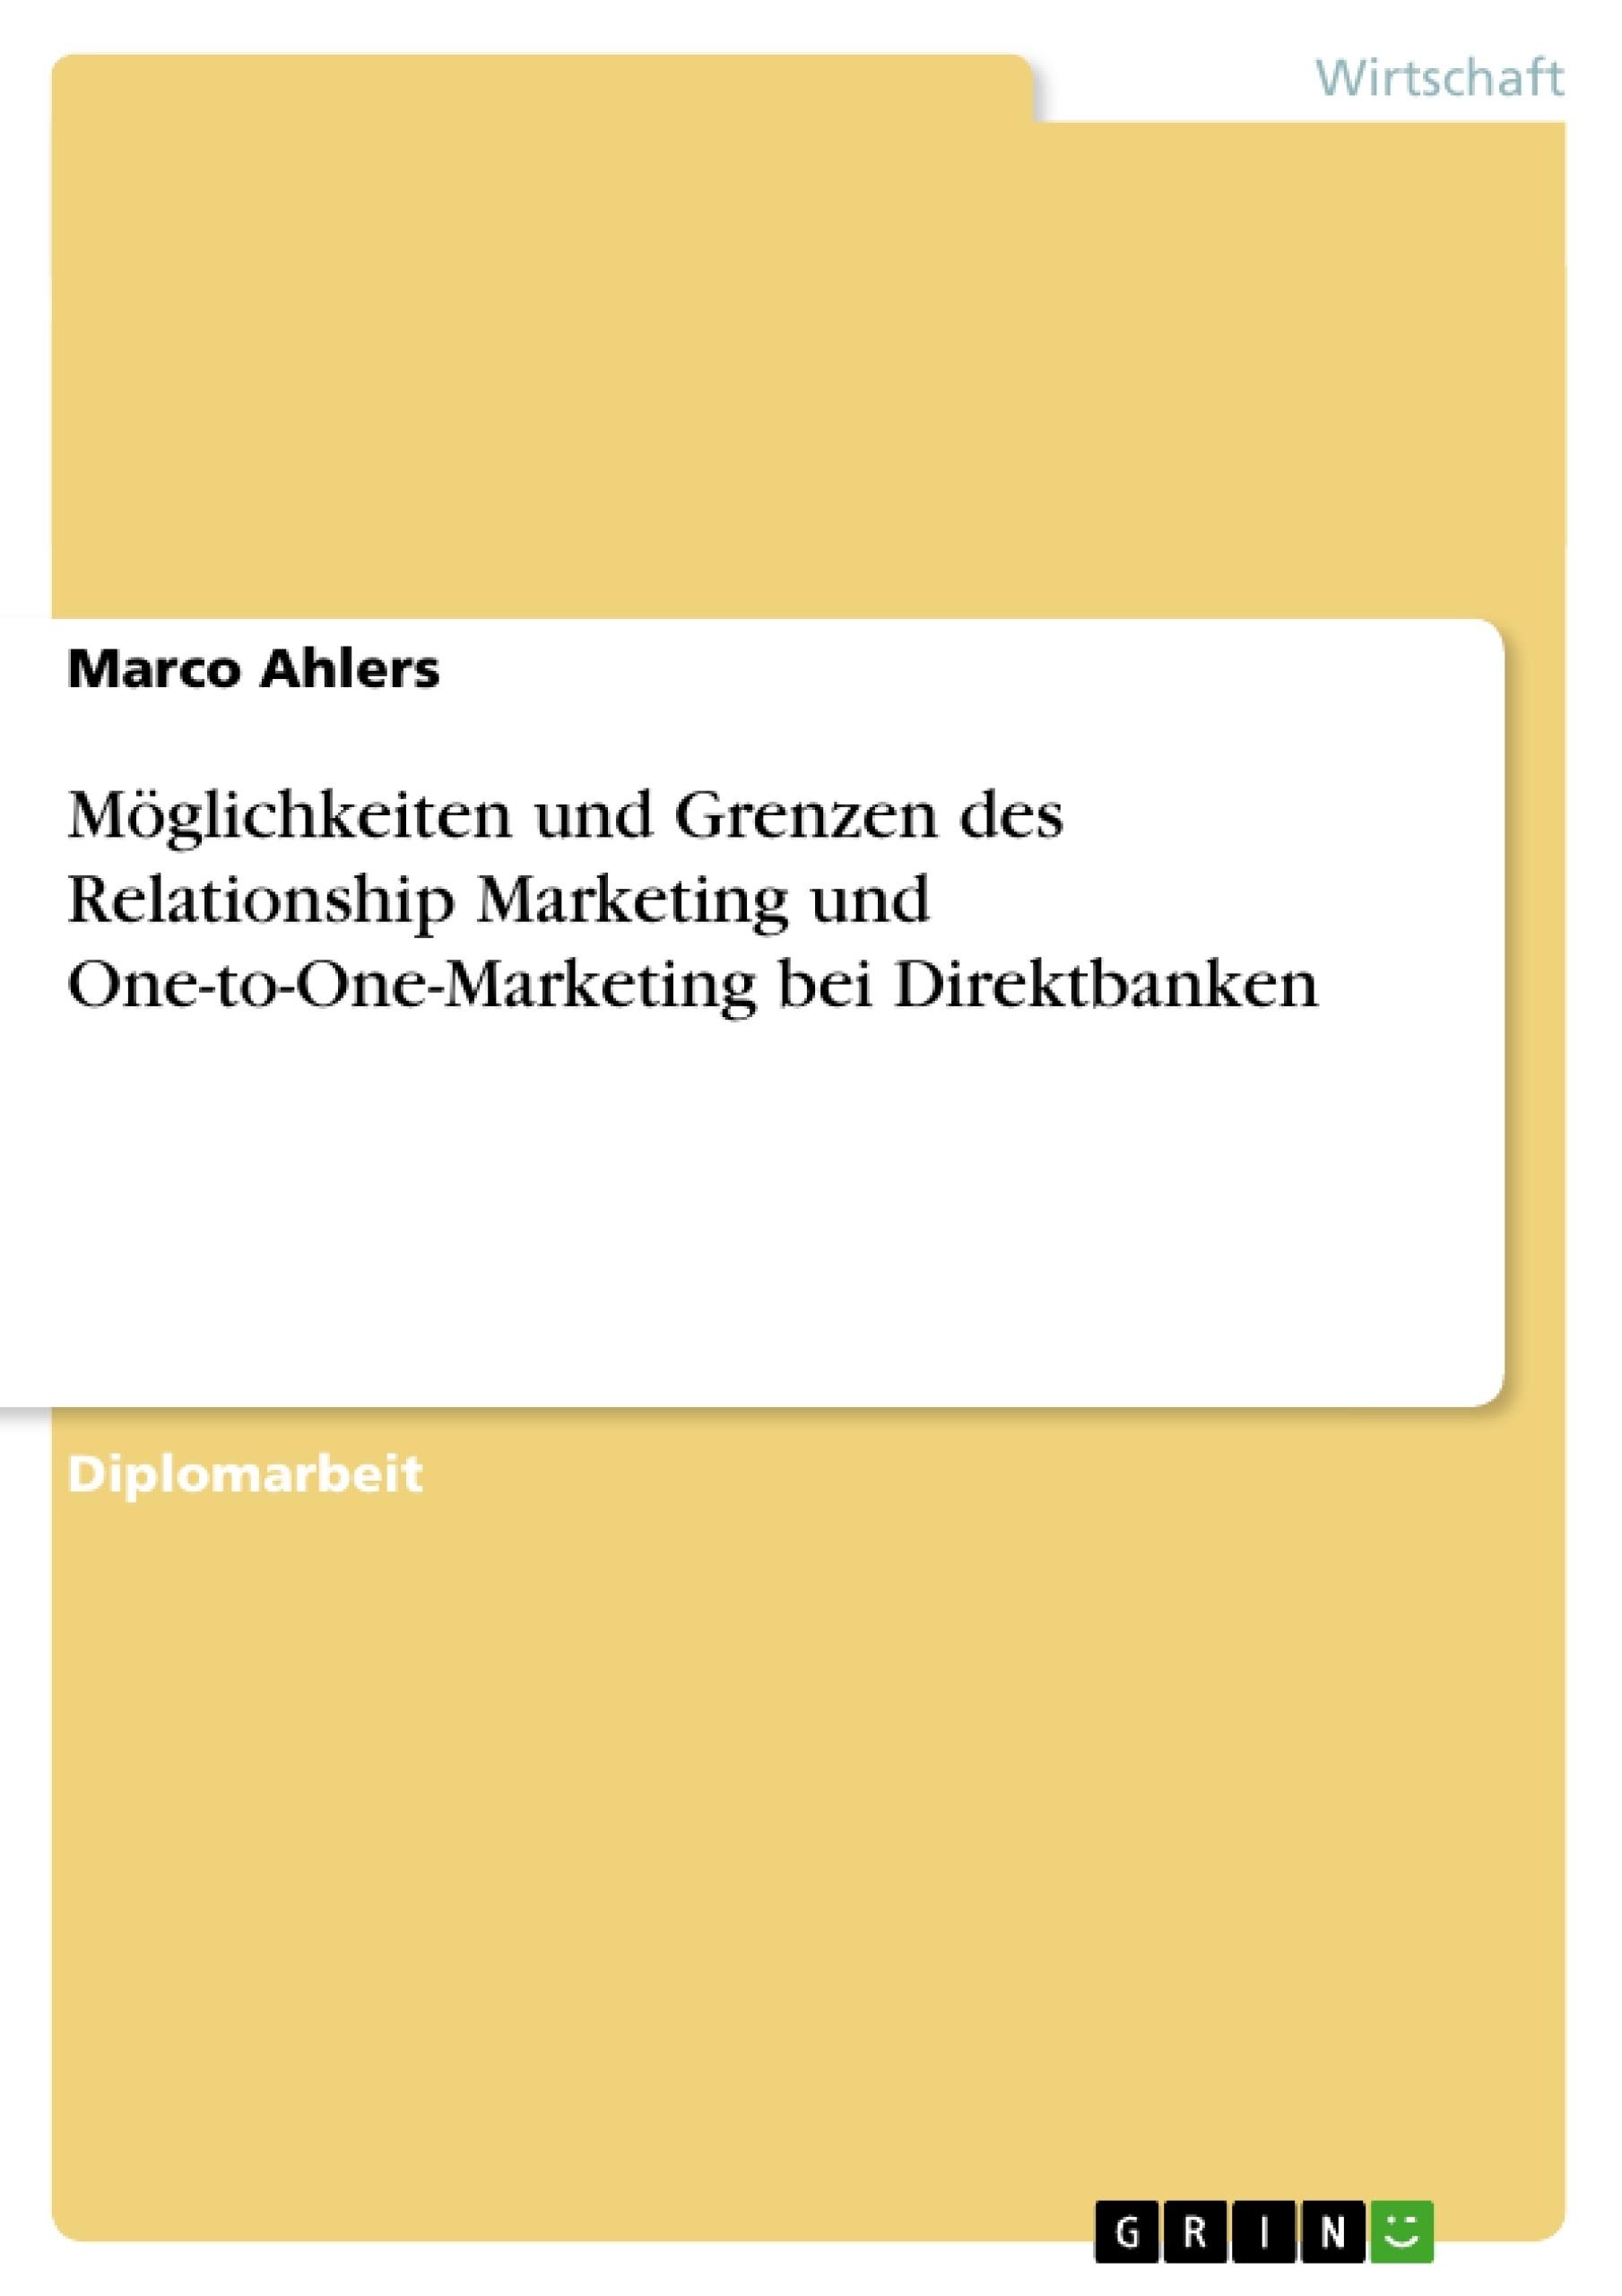 Titel: Möglichkeiten und Grenzen des Relationship Marketing und One-to-One-Marketing bei Direktbanken